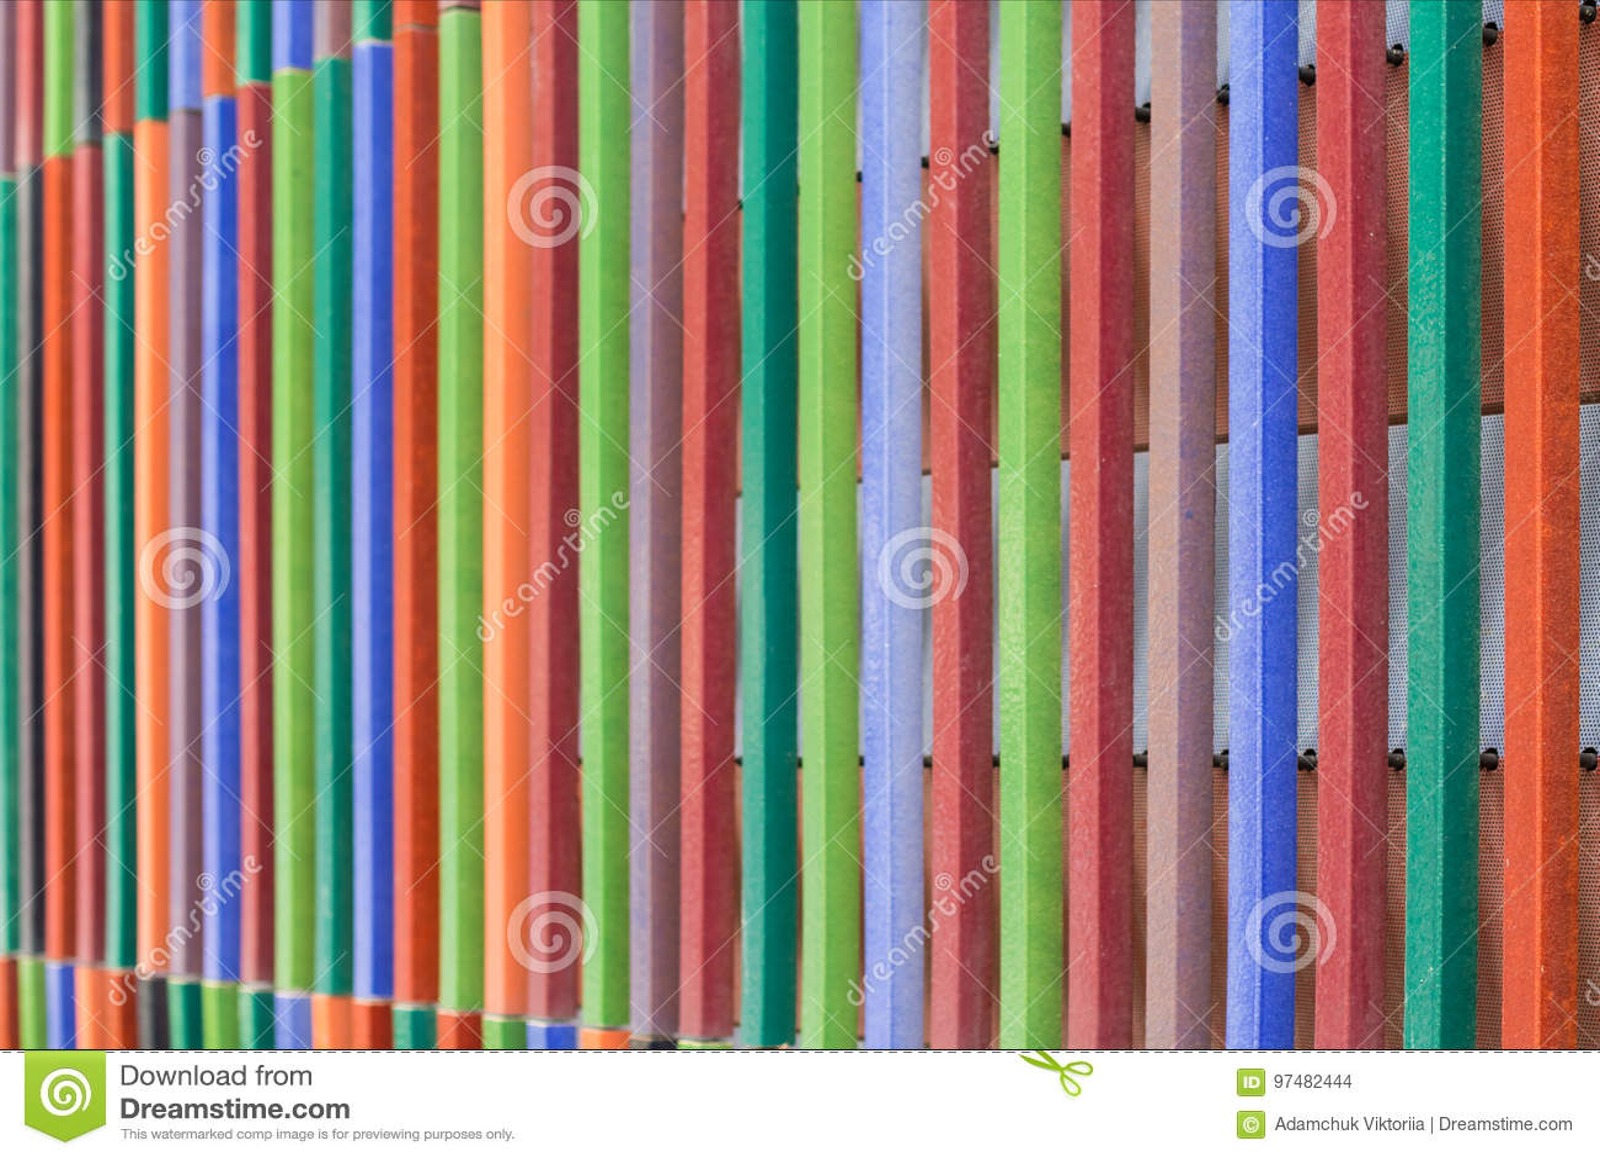 Fondo di legno di arte Carta da parati variopinta creativa Vecchia struttura di legno ristabilita Il recinto di superficie Panel